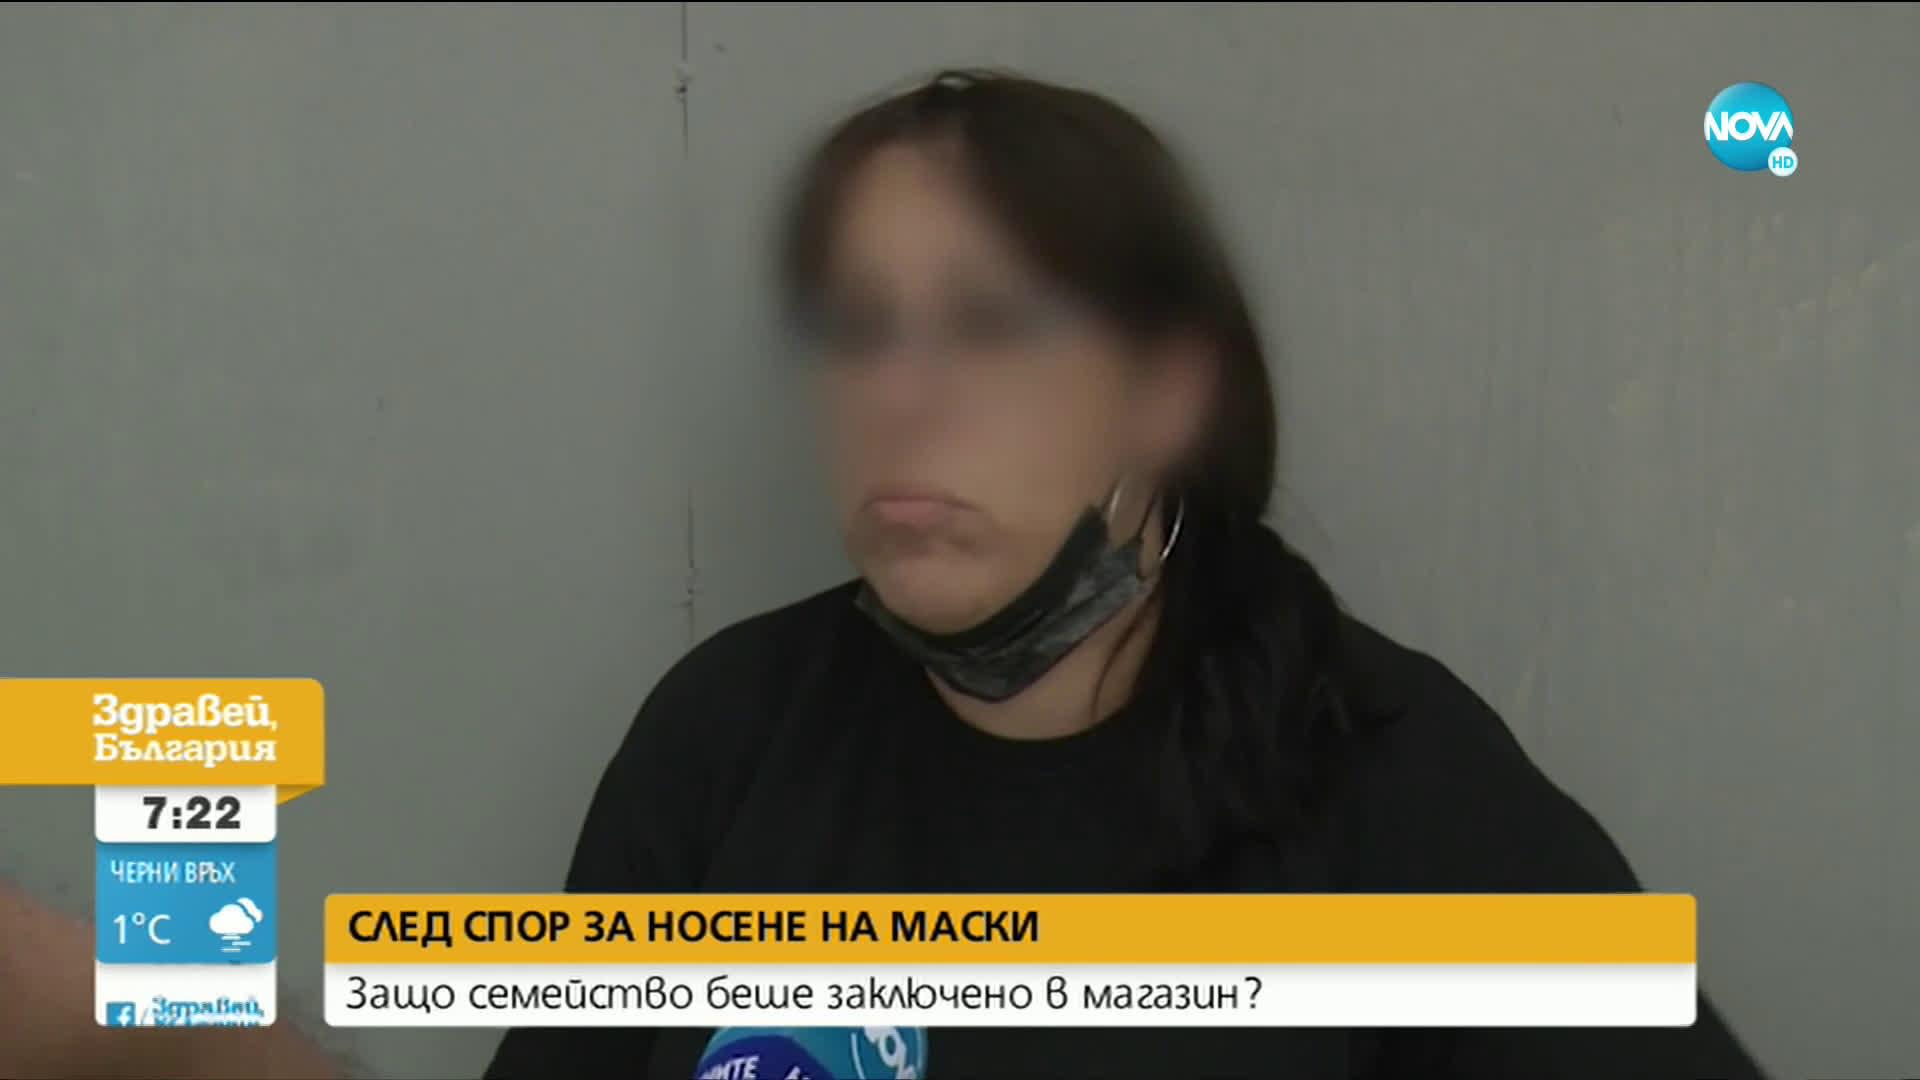 Заключиха семейство в магазин заради неносене на маска